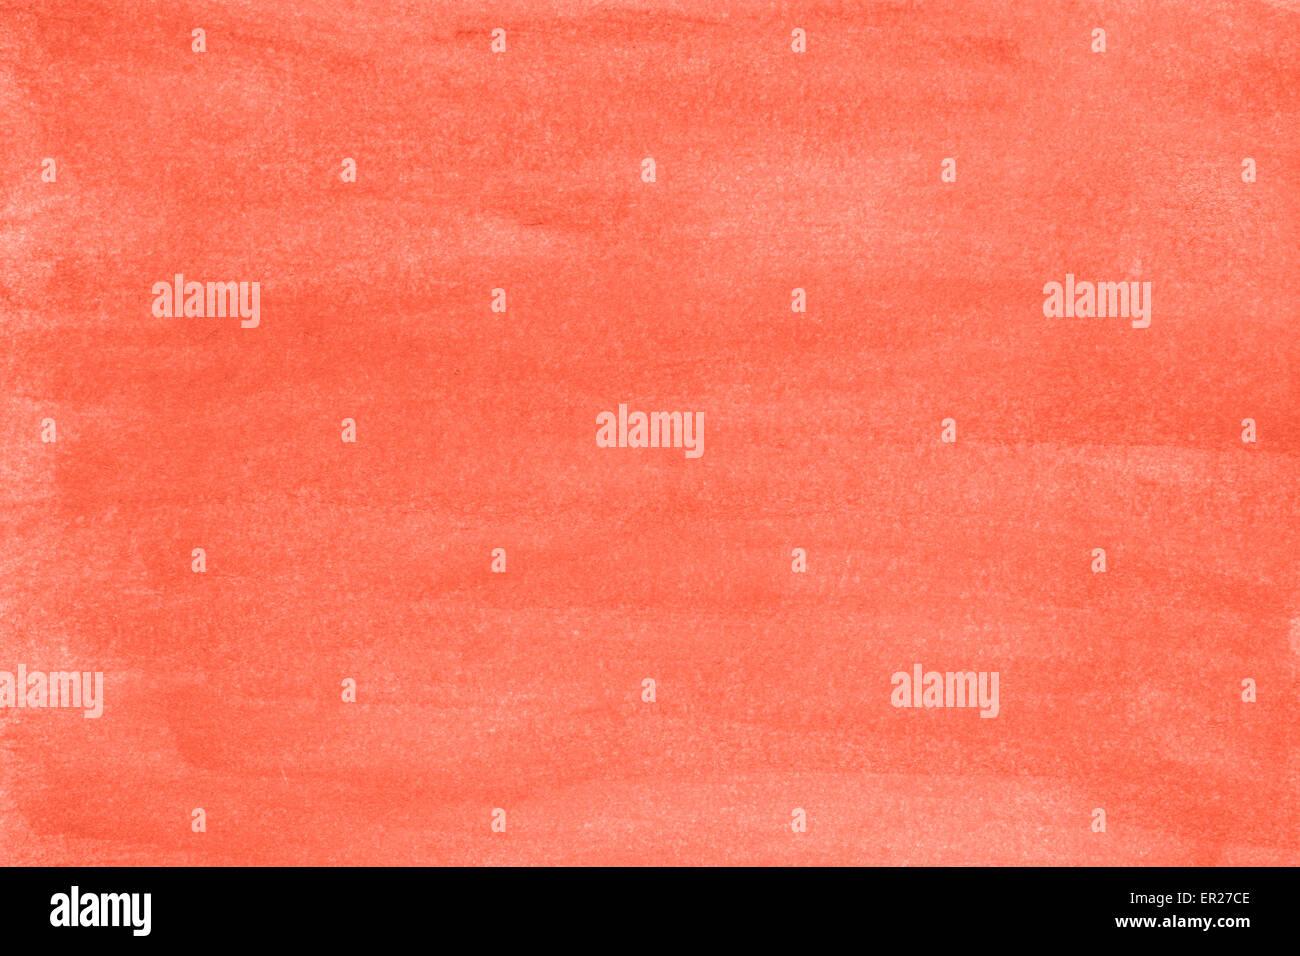 Rosso sfondo ad acquerello Immagini Stock